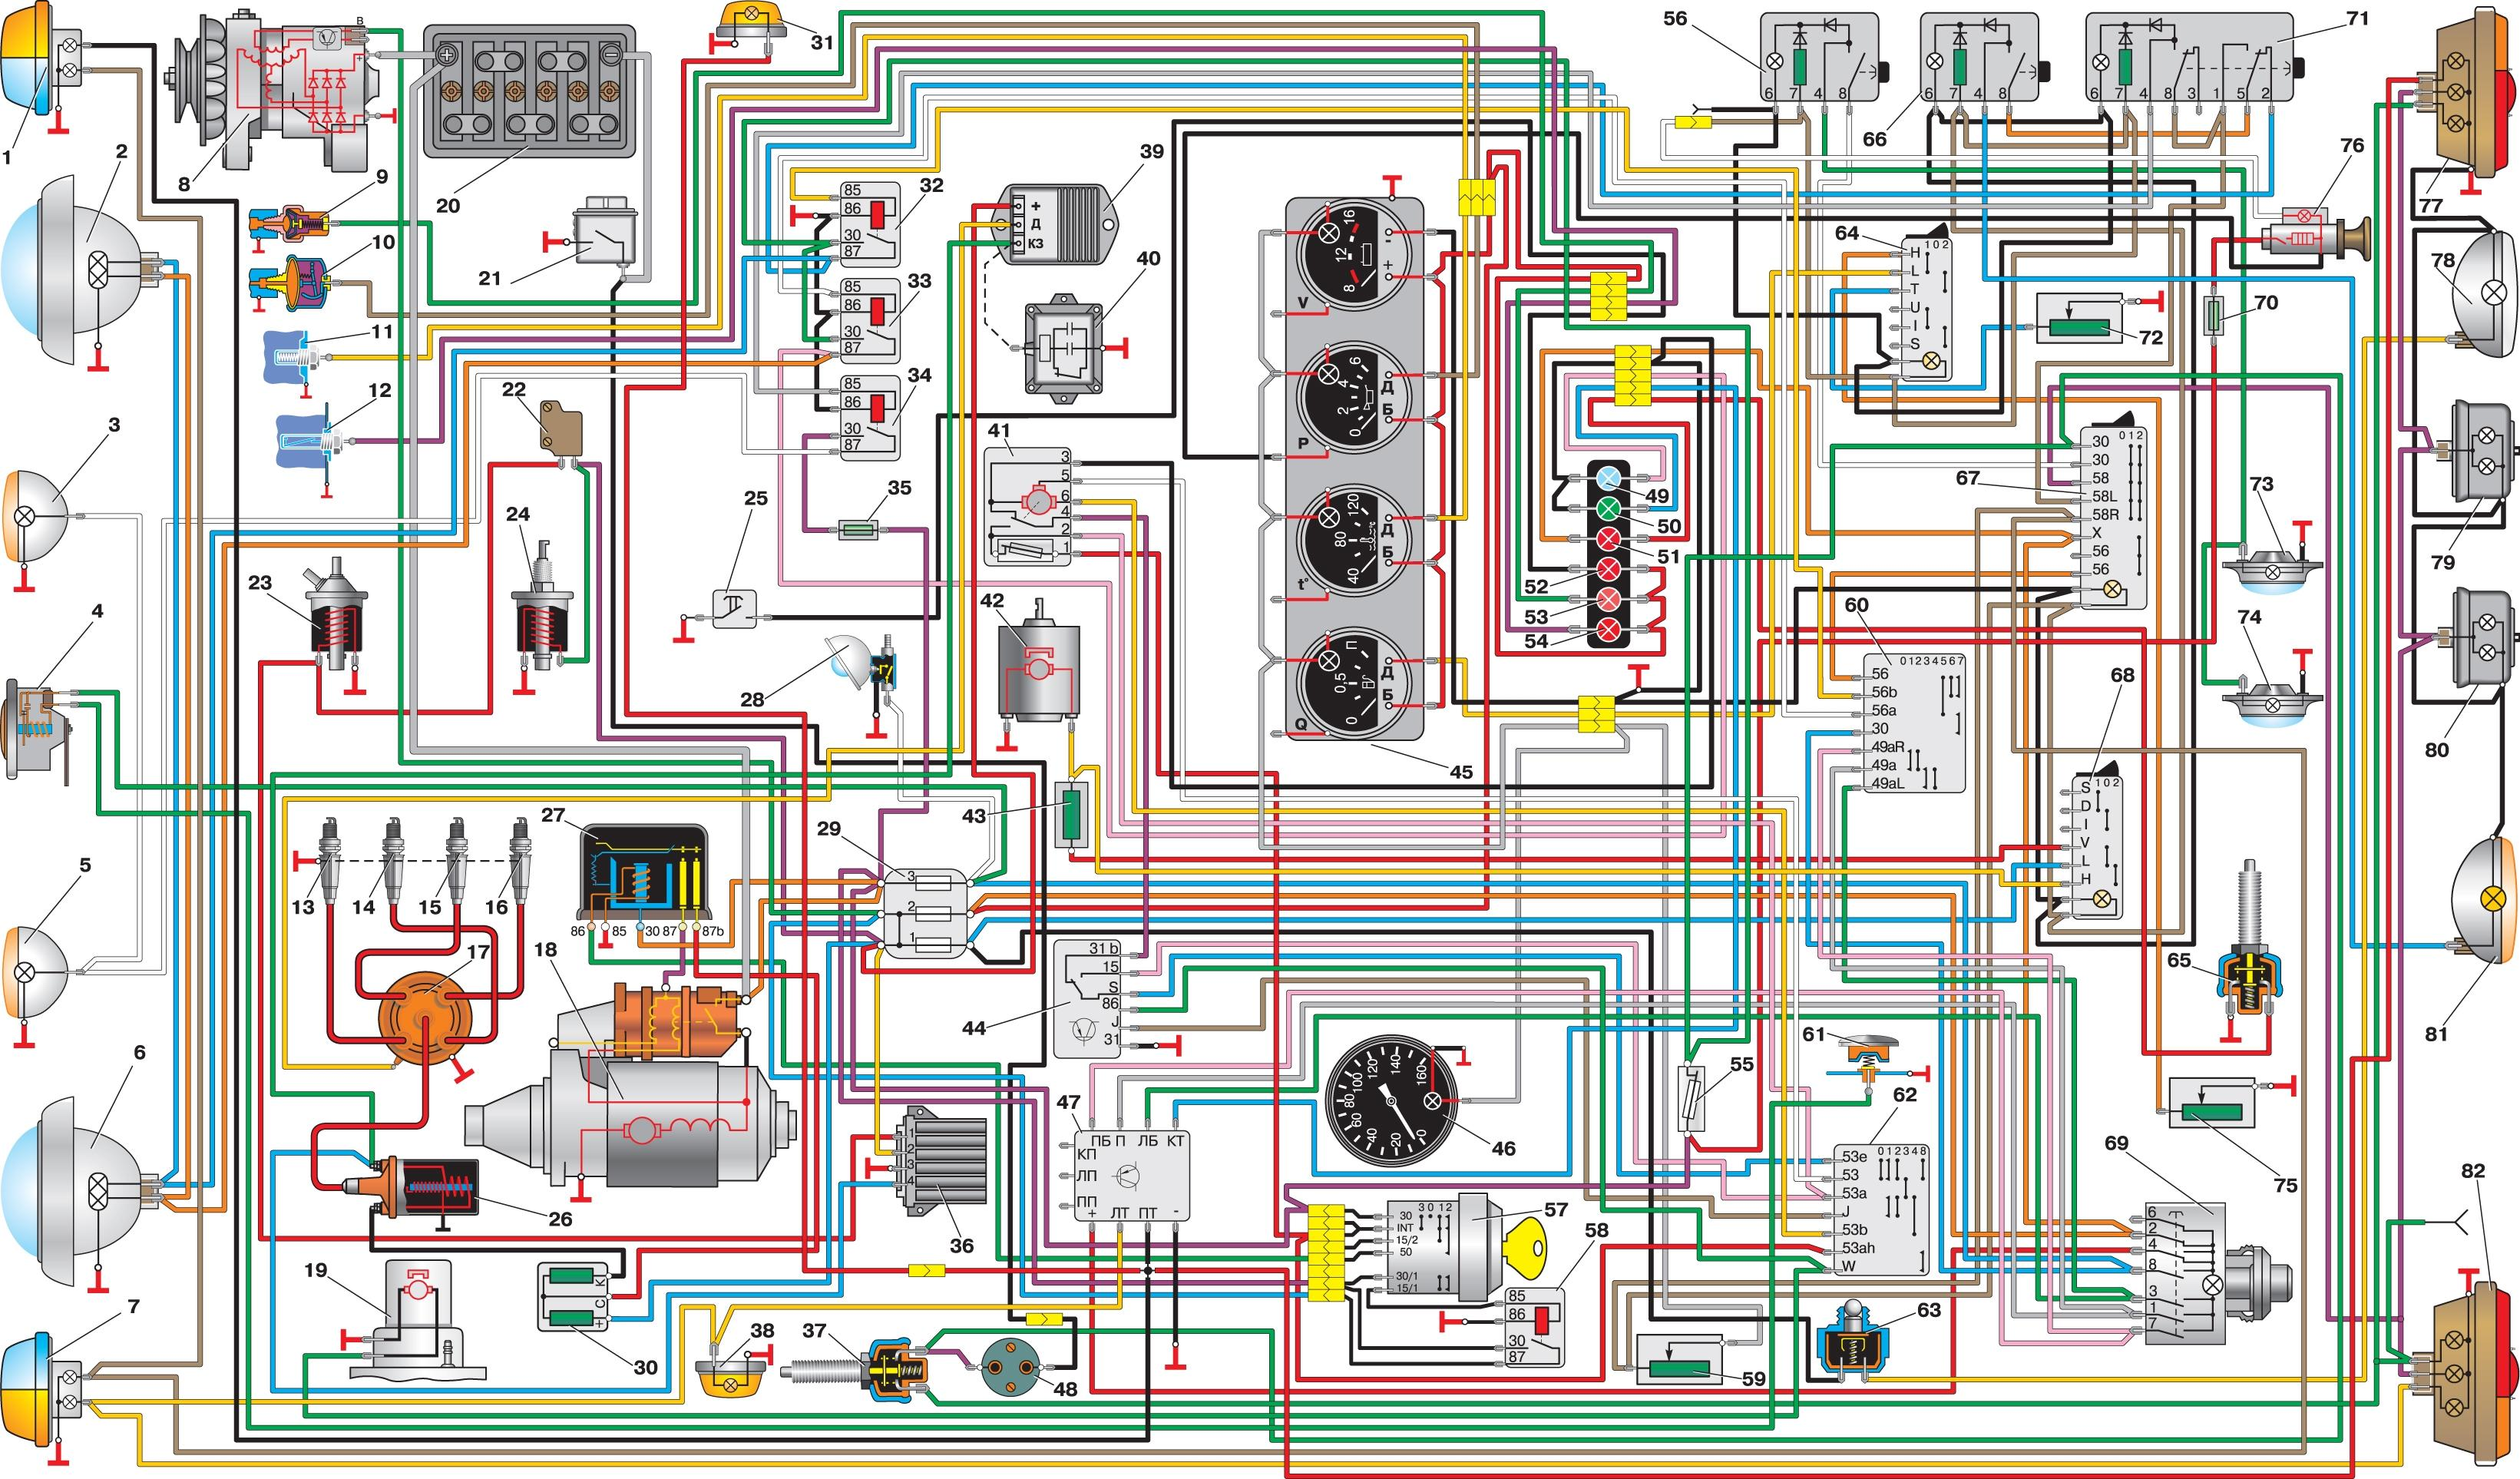 электро схема машины газель 402 стеклоочистители